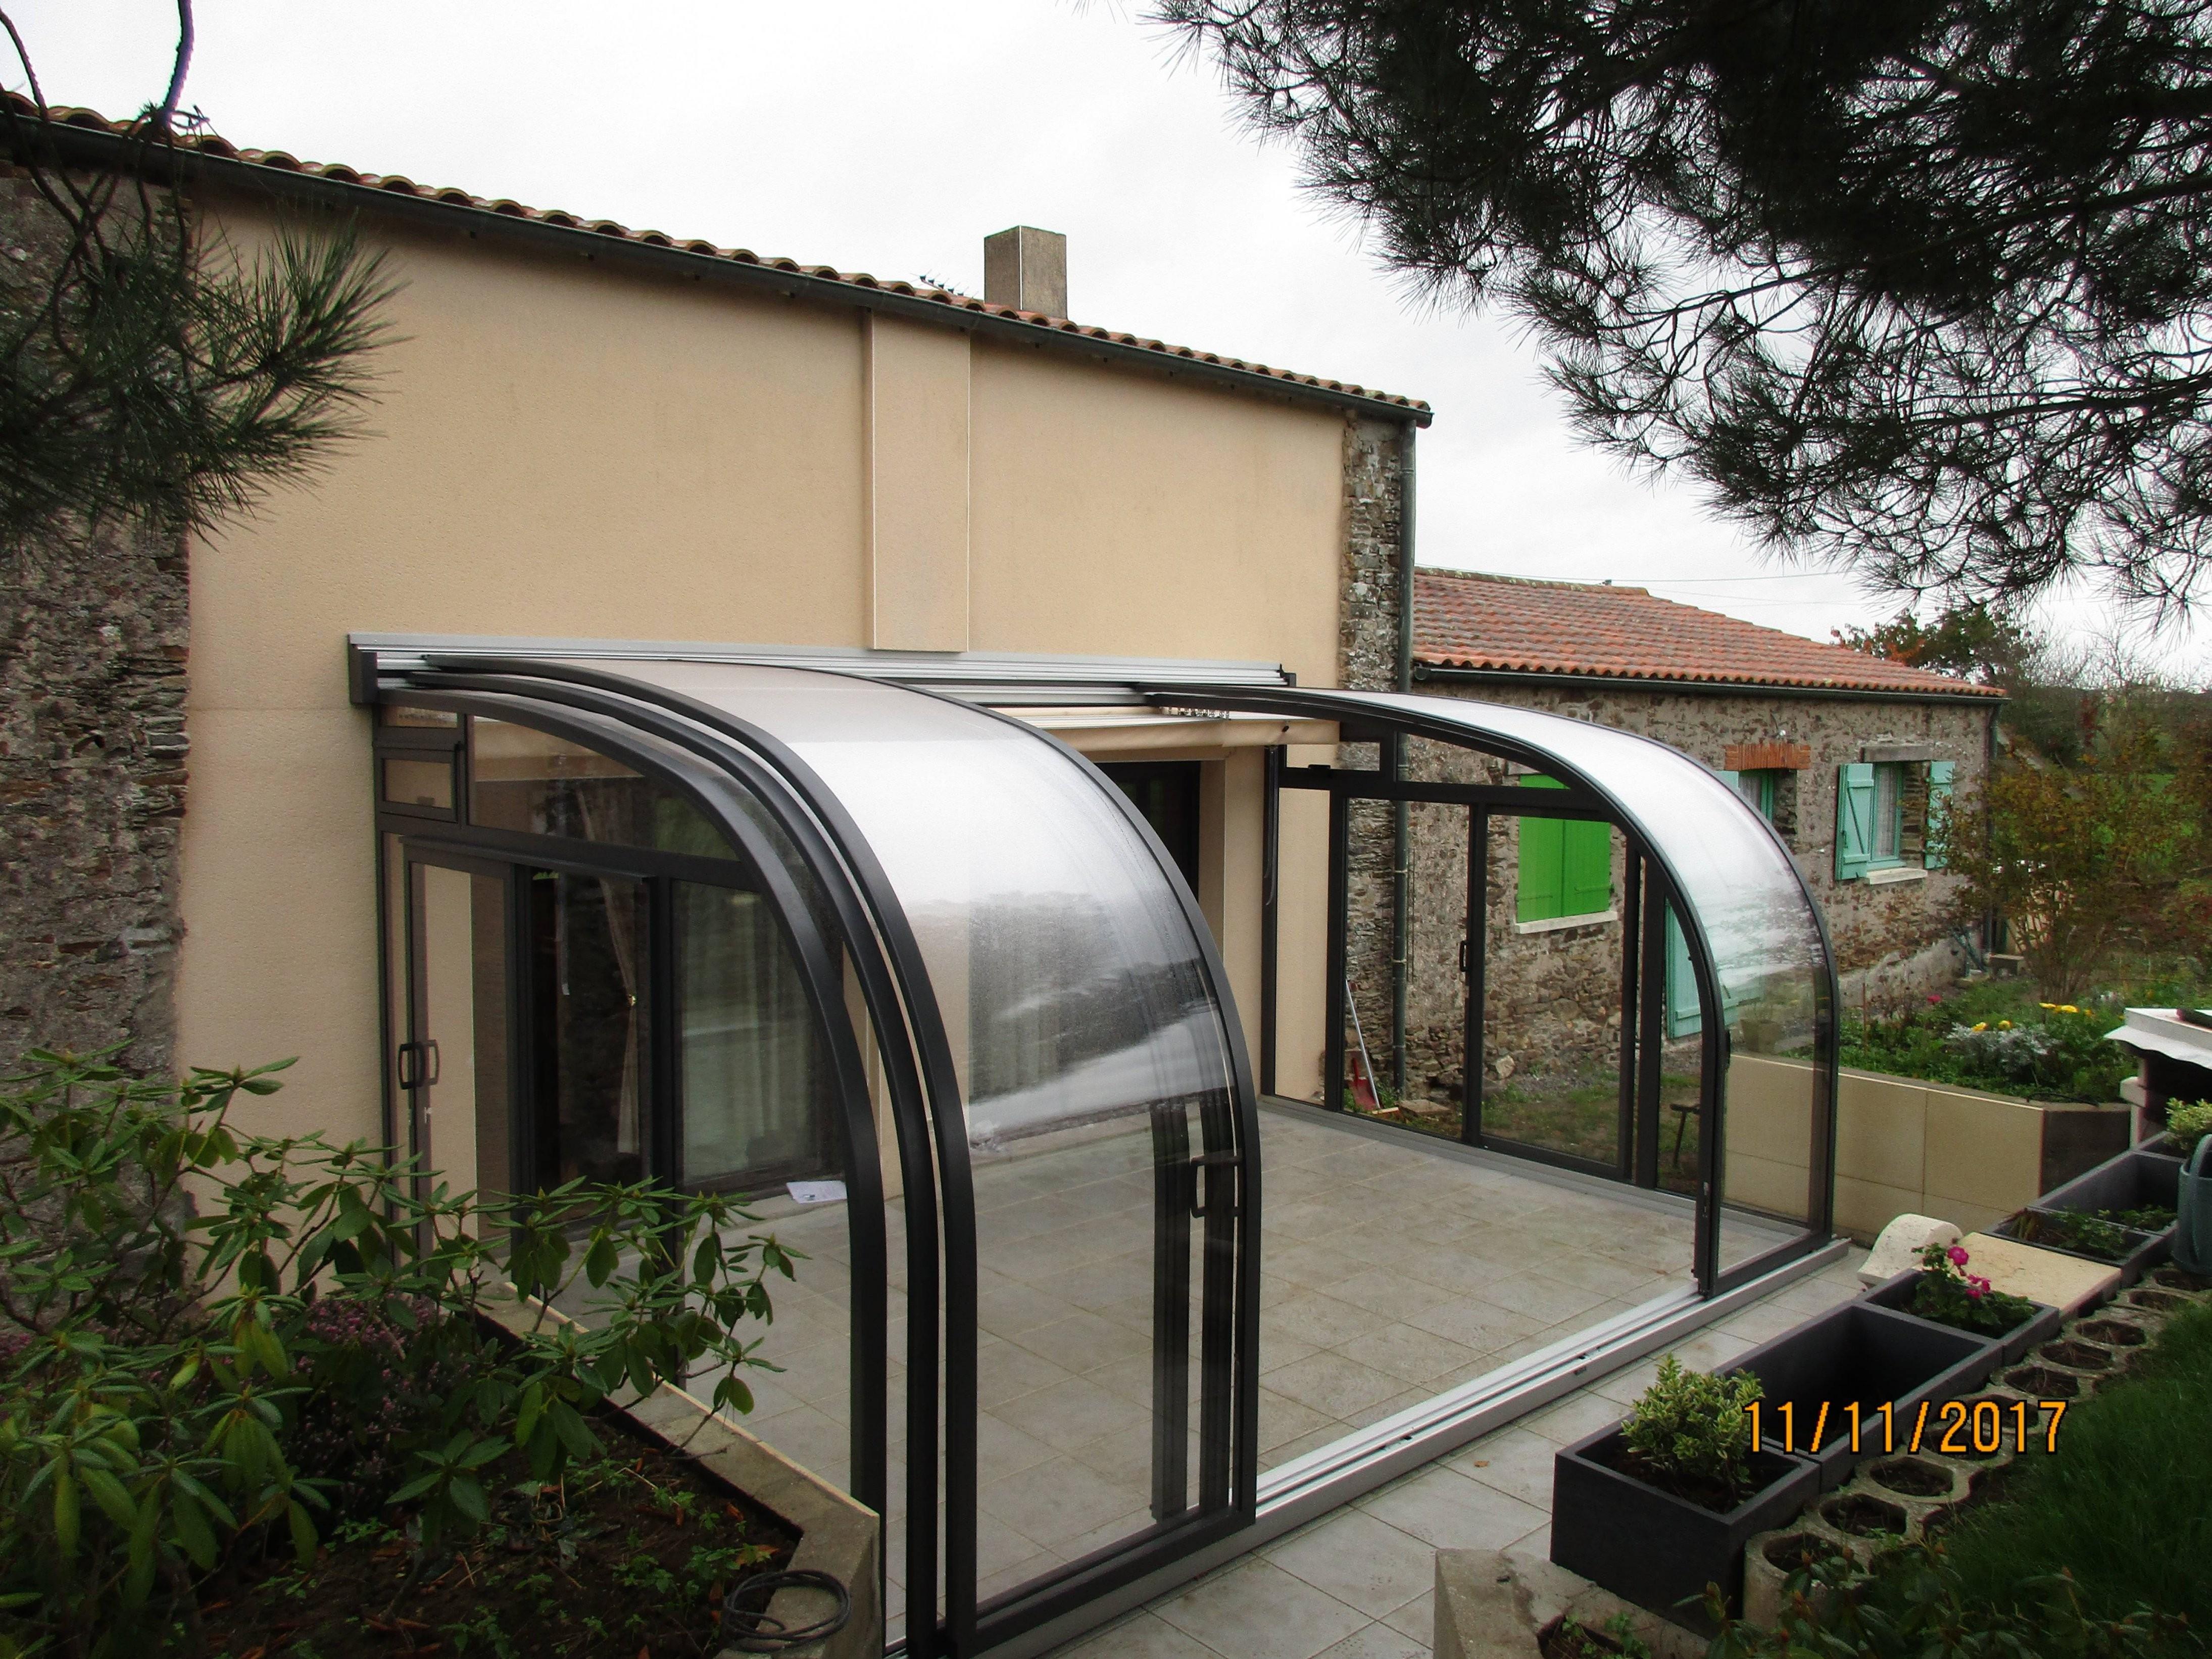 Das Elegant Beste Von Terrassenüberdachung Selber Bauen Glas Stellen von Terrassenüberdachung Glas Selber Bauen Bild